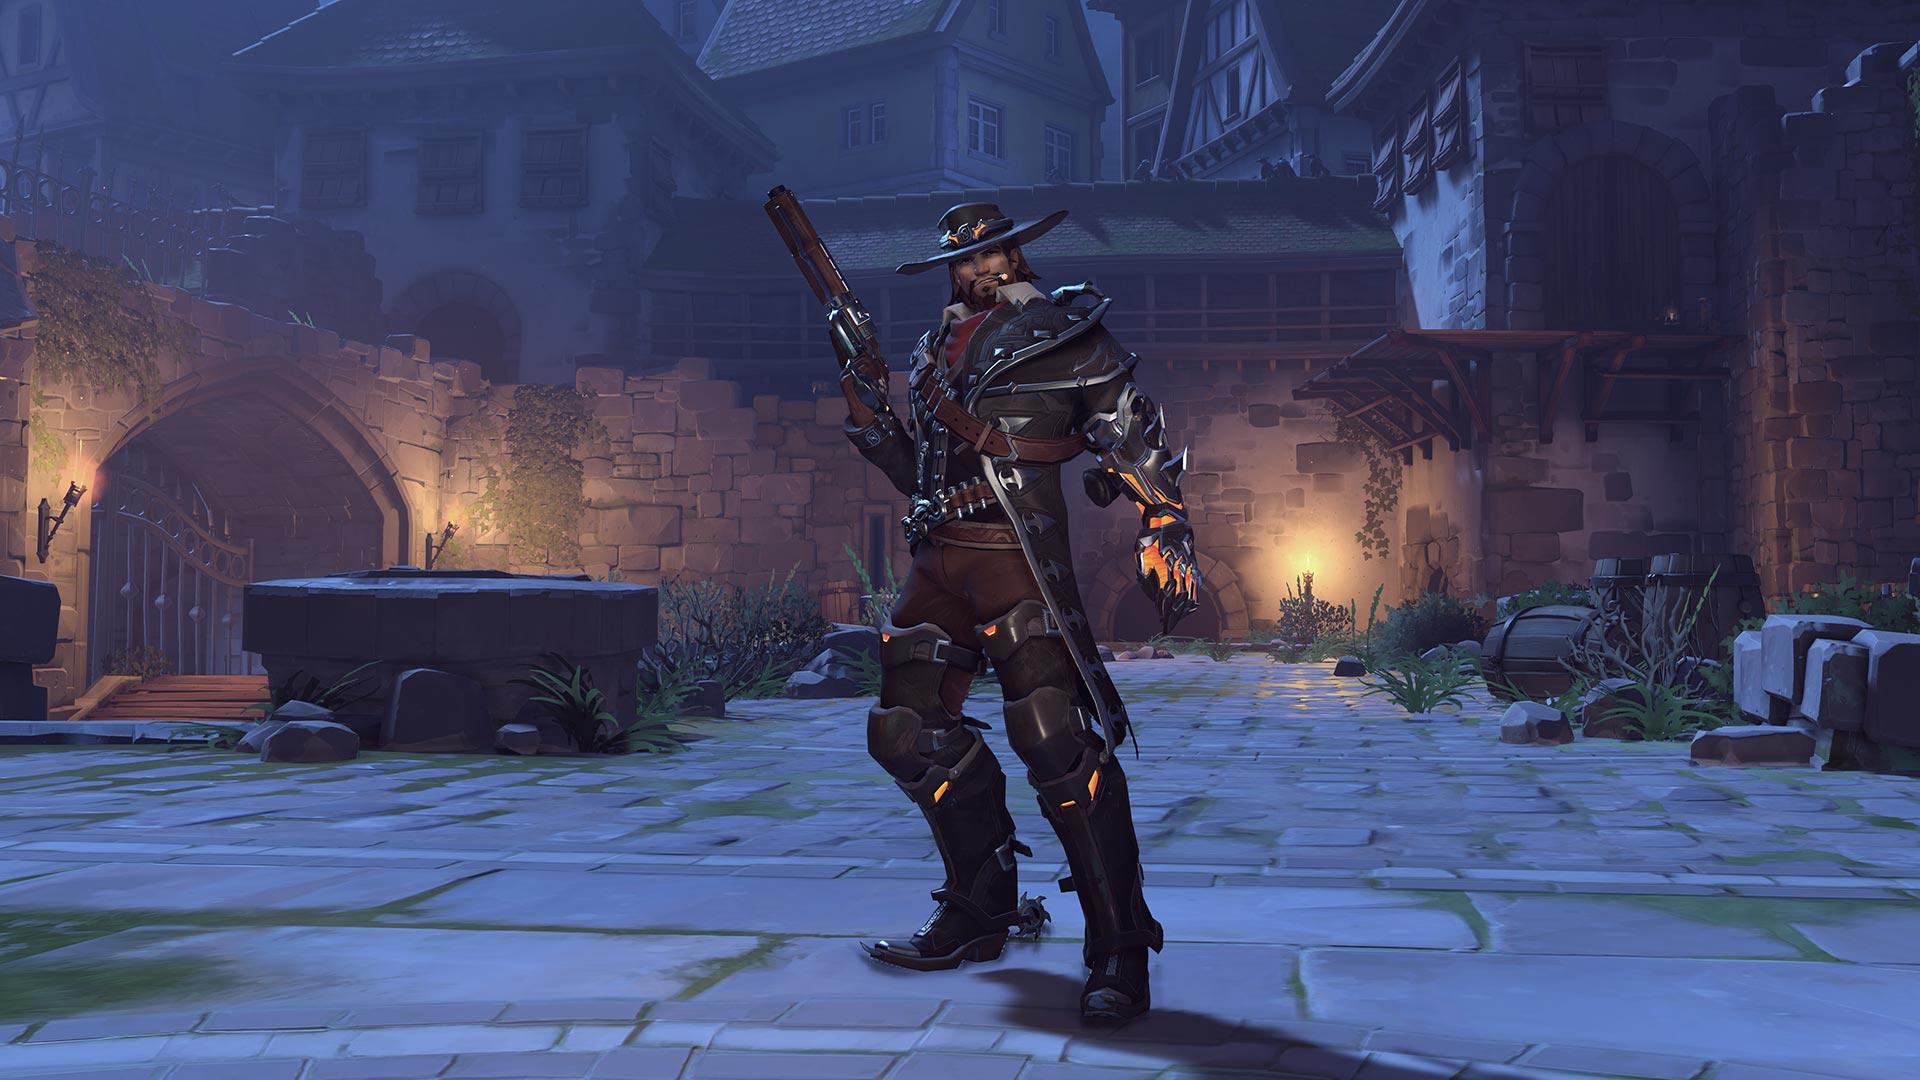 overwatch_halloween_terror_2017_new_skins (4)